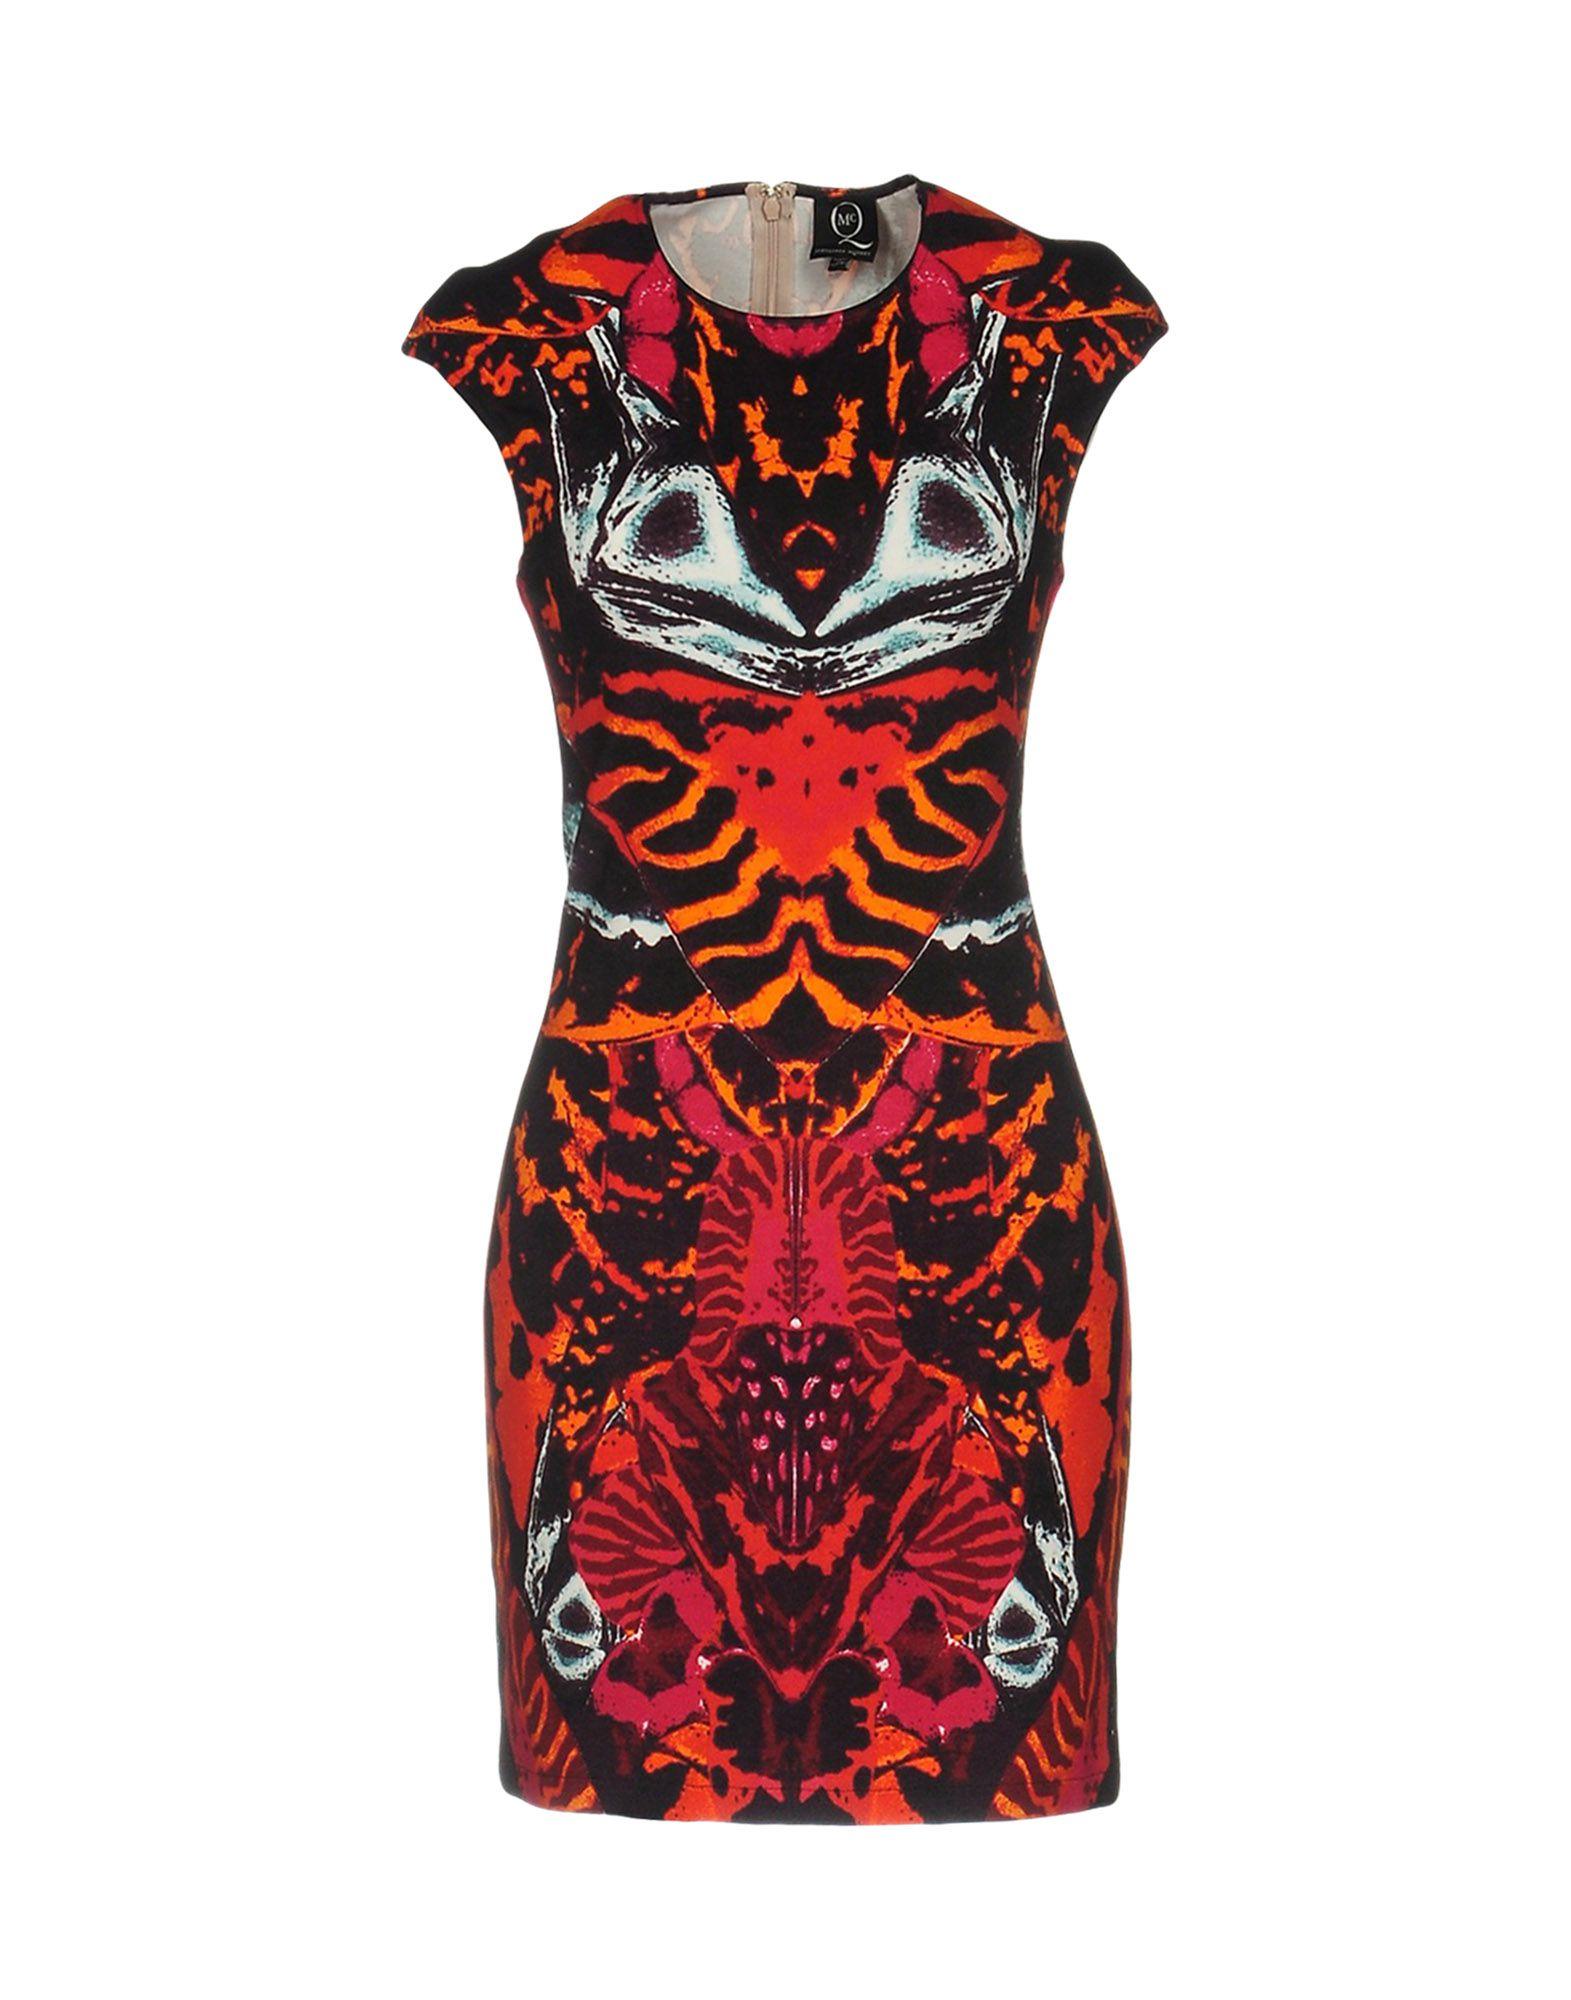 Платье mcqueen louis vuitton tribute patchwork цена сумки